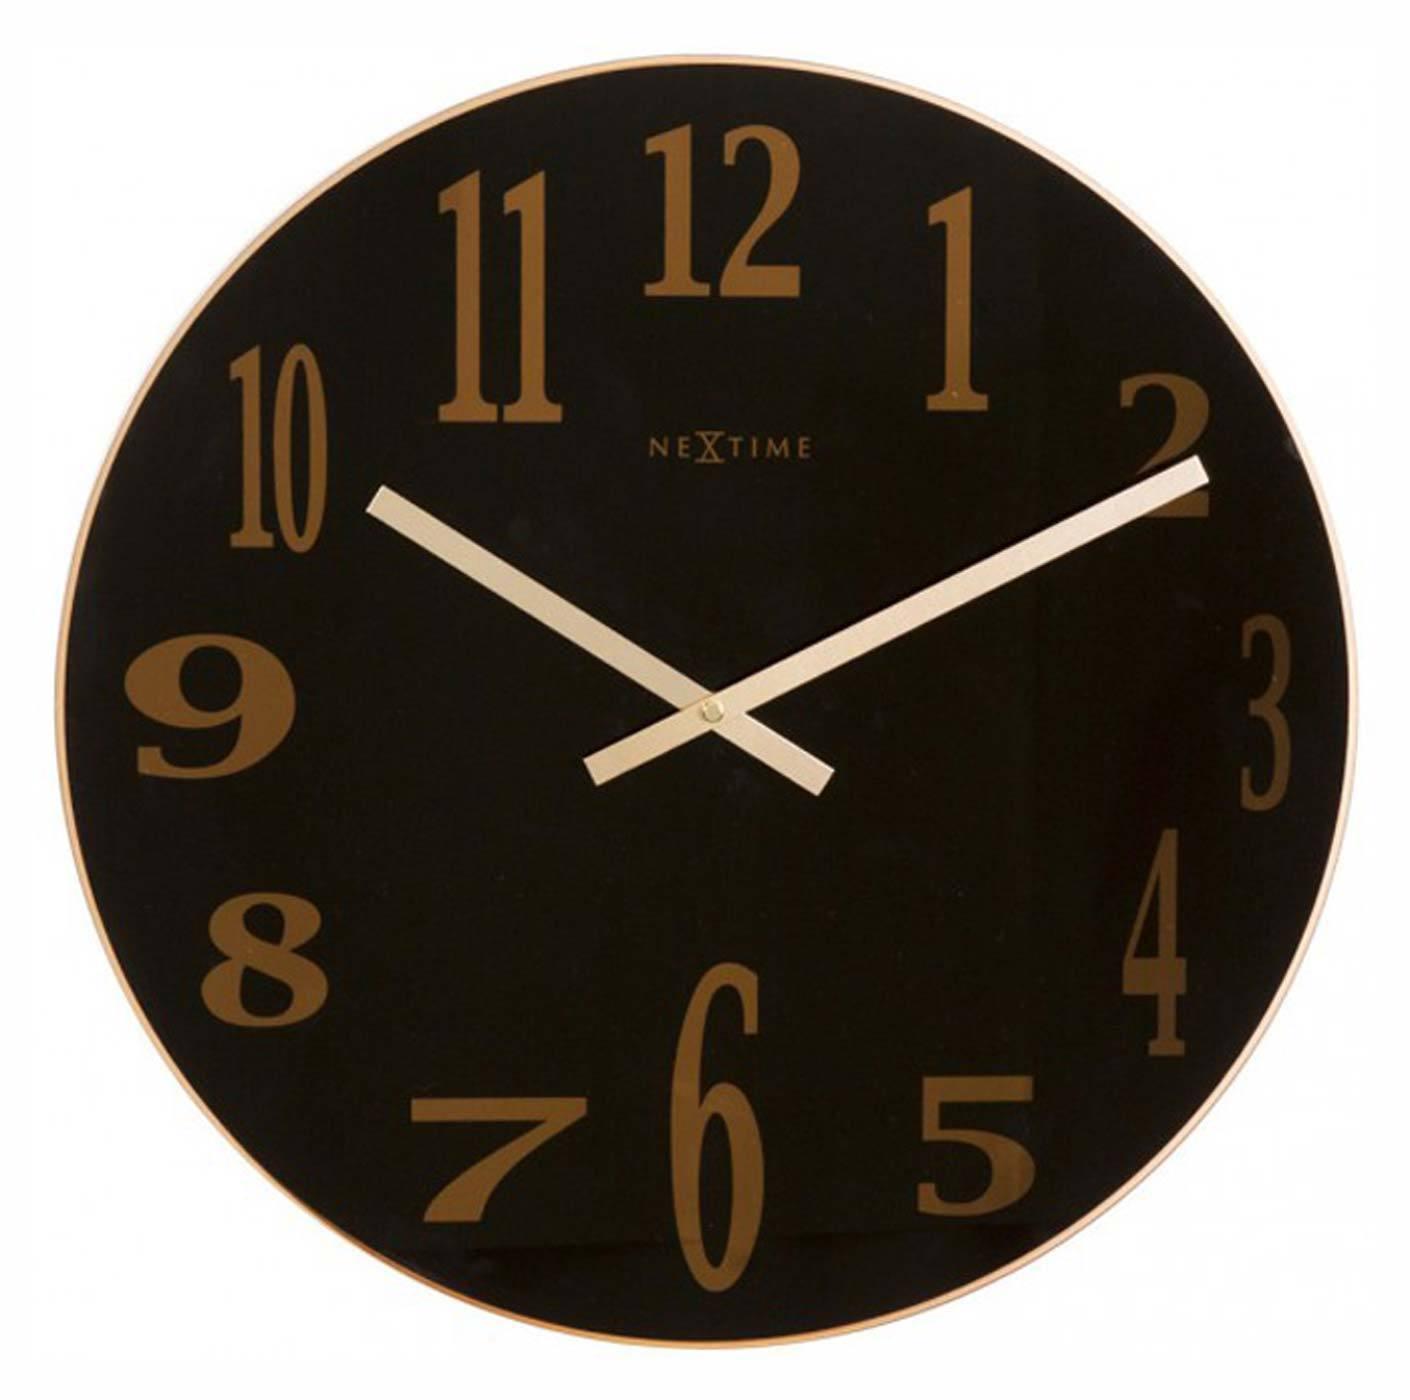 Nástěnné hodiny Smoke Mirror 43 cm černé - NEXTIME